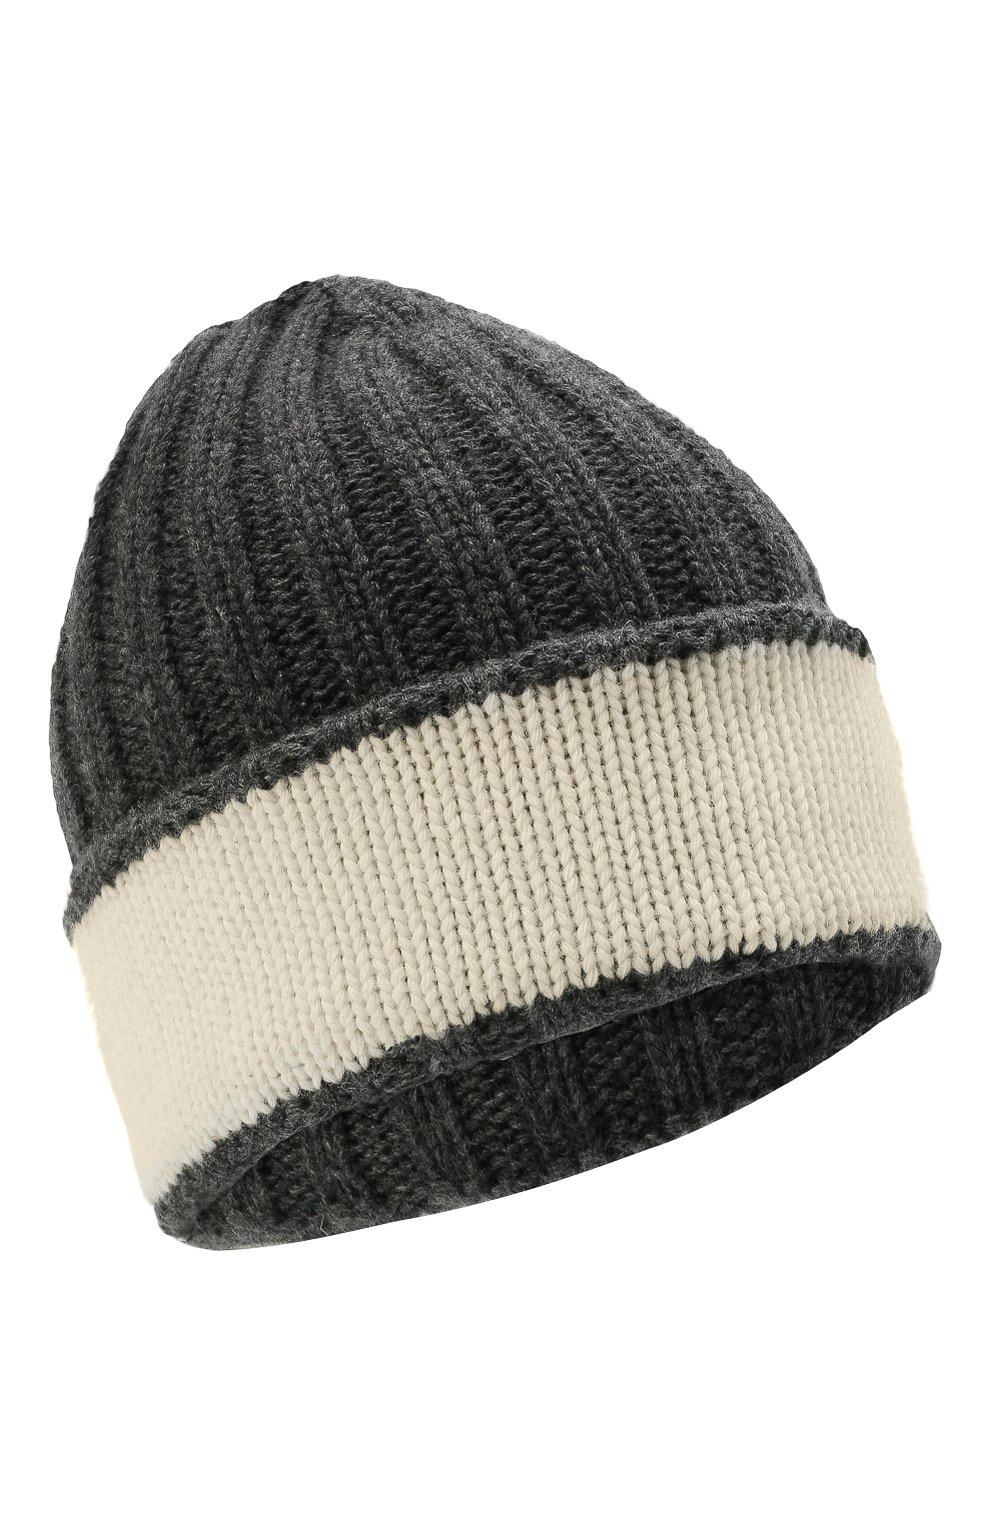 Детский комплект из шапки и шарфа EMPORIO ARMANI серого цвета, арт. 407515/1A767 | Фото 2 (Материал: Текстиль, Шерсть, Вискоза)